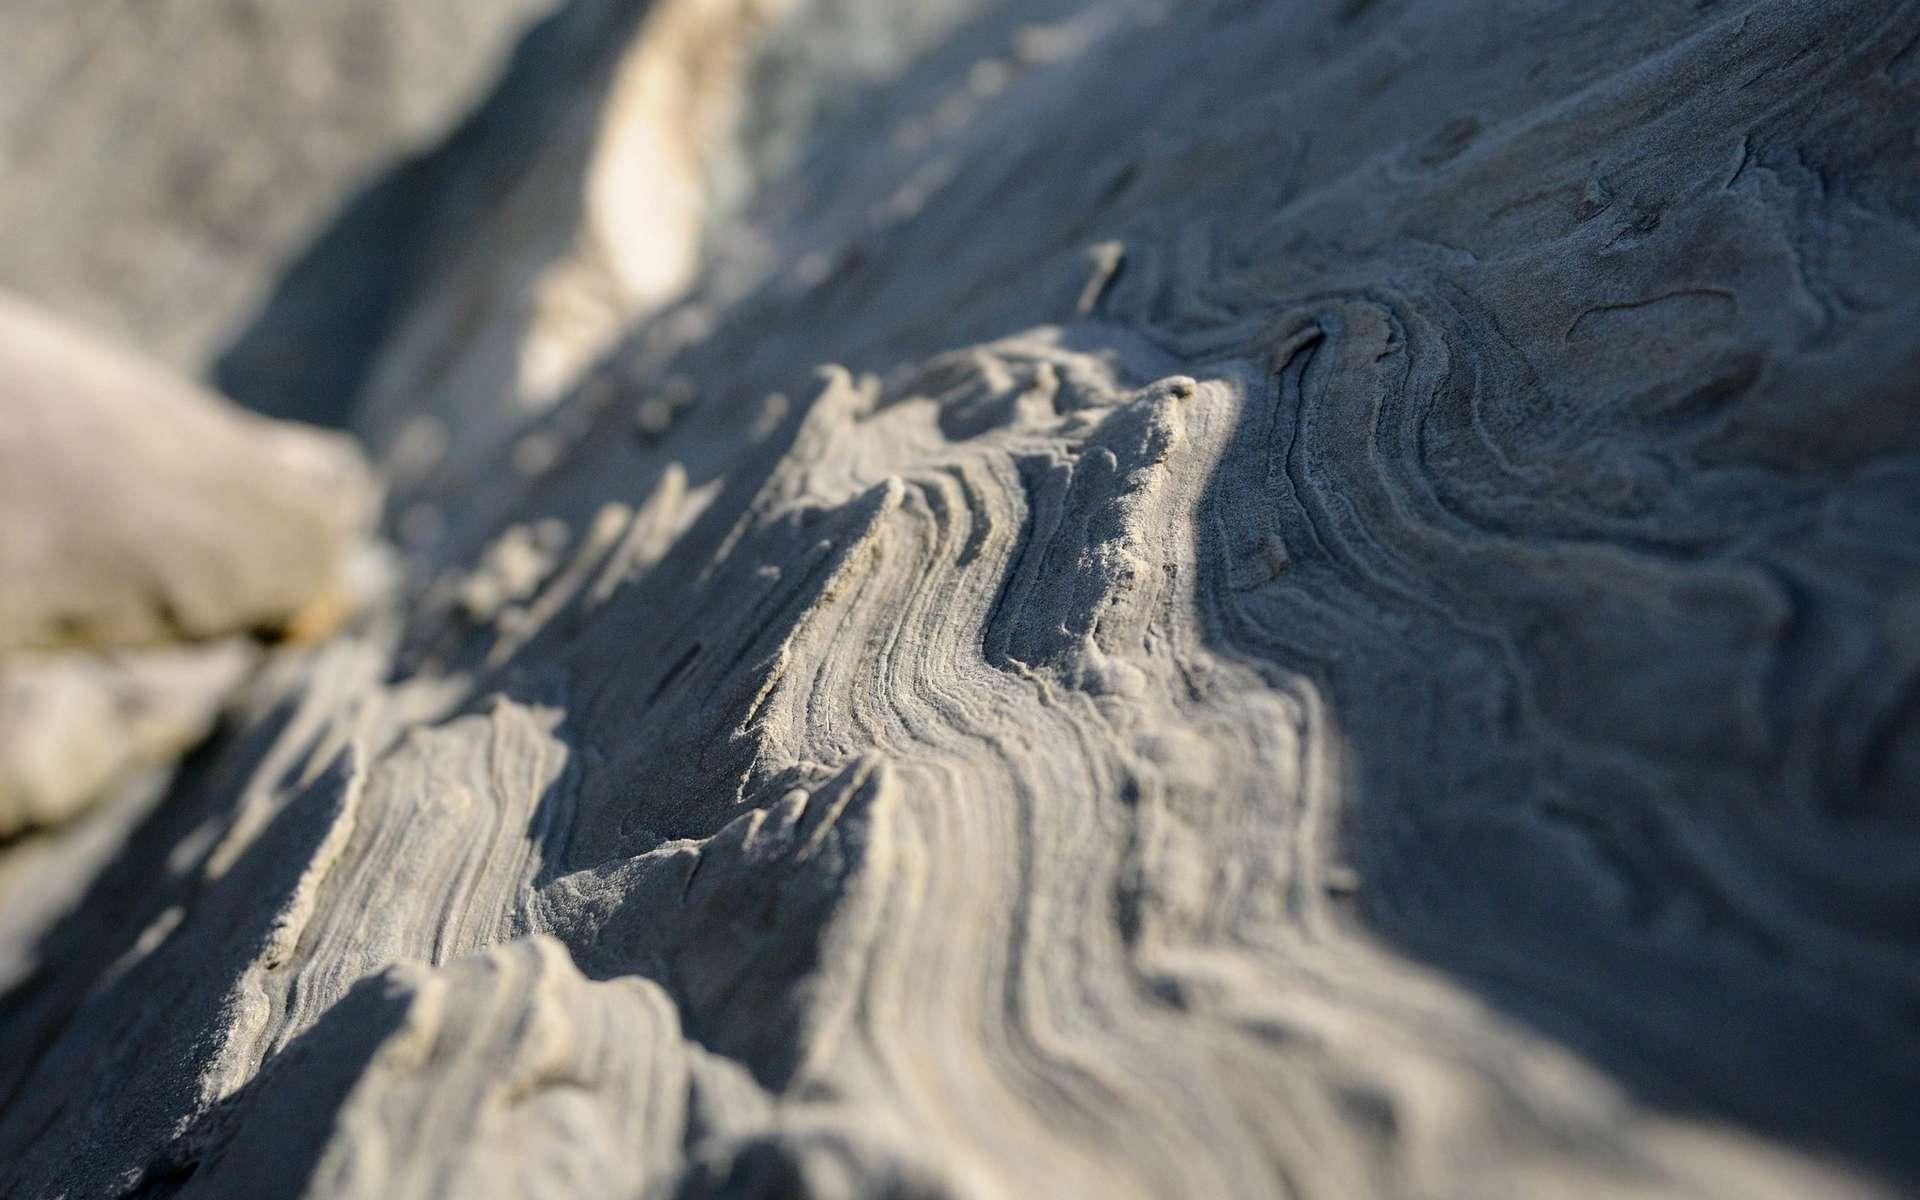 Le grès, une roche sédimentaire siliceuse constituée d'une agrégation de grains de sable. © Hitchster, Flickr